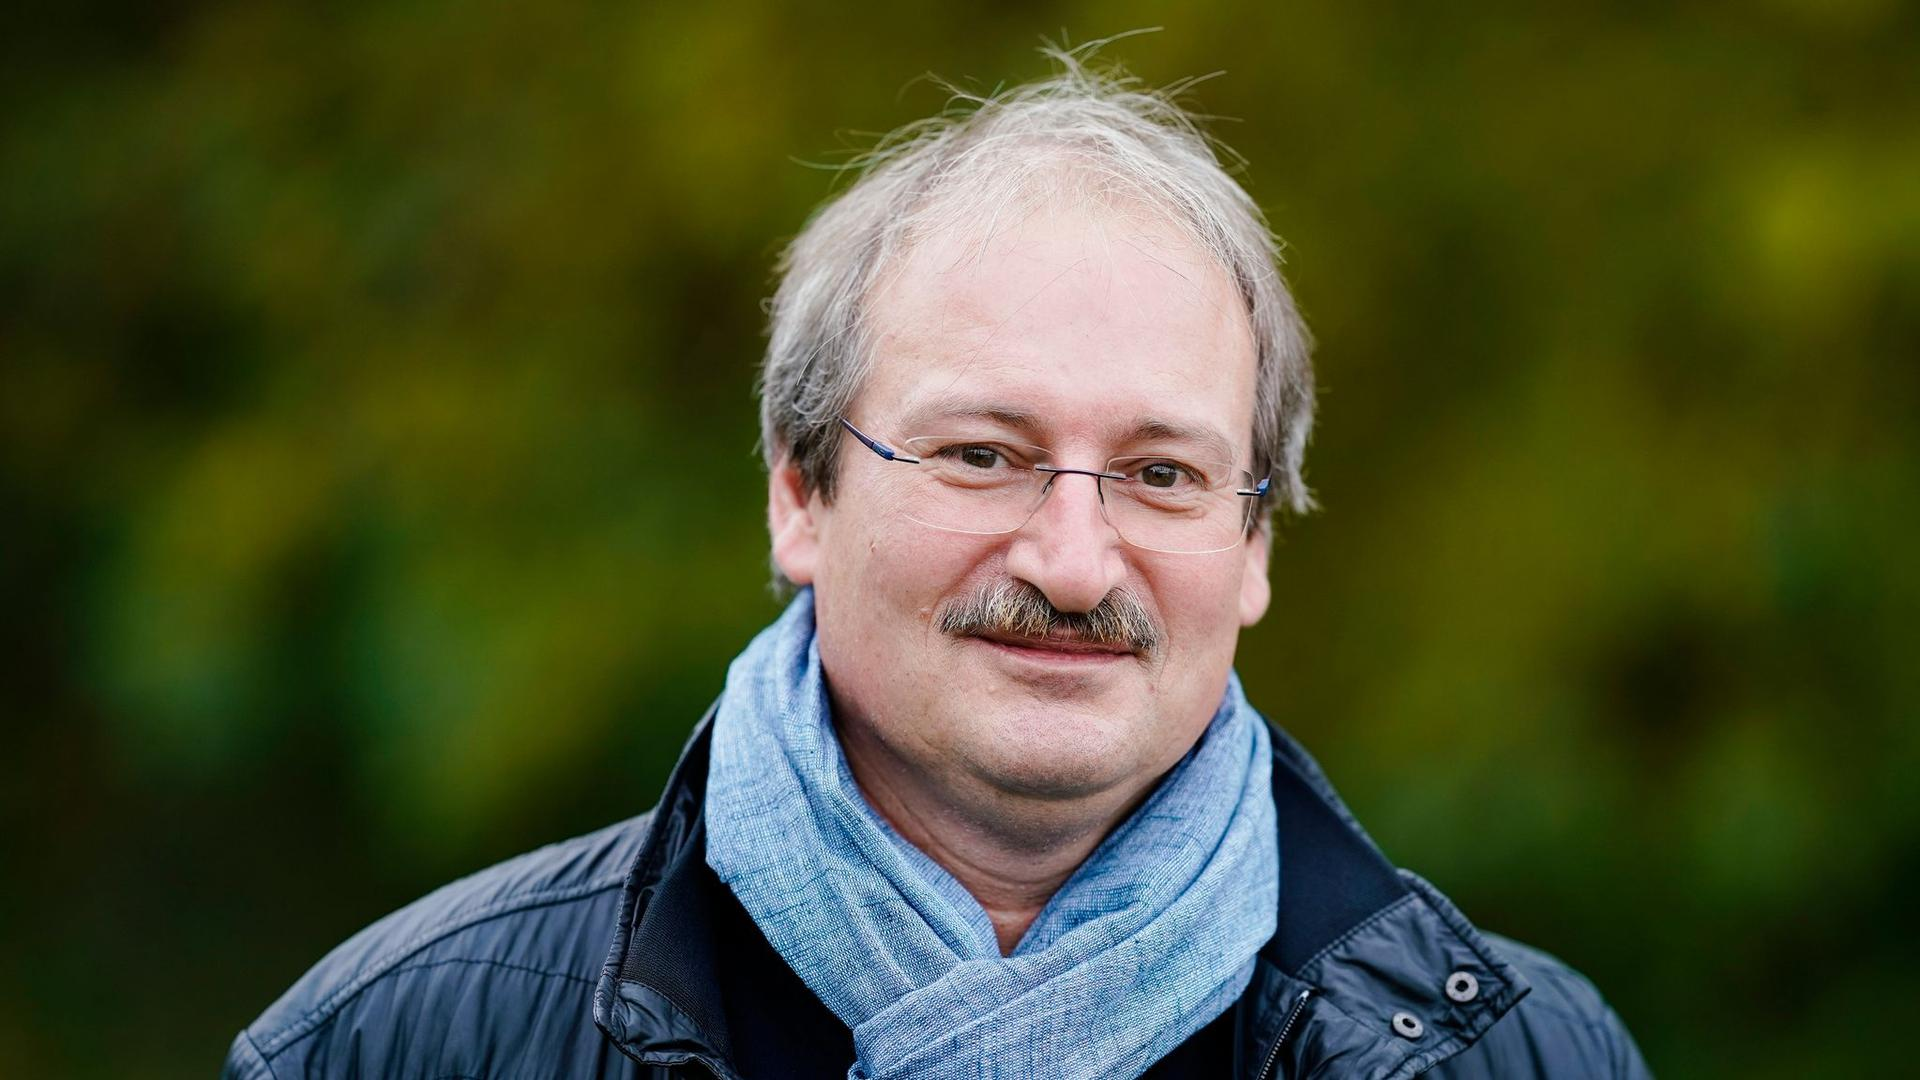 Dirk Reichle, Wissenschaftlicher Direktor der Kommunalen Aktionsgemeinschaft zur Bekämpfung der Schnakenplage (Kabs).